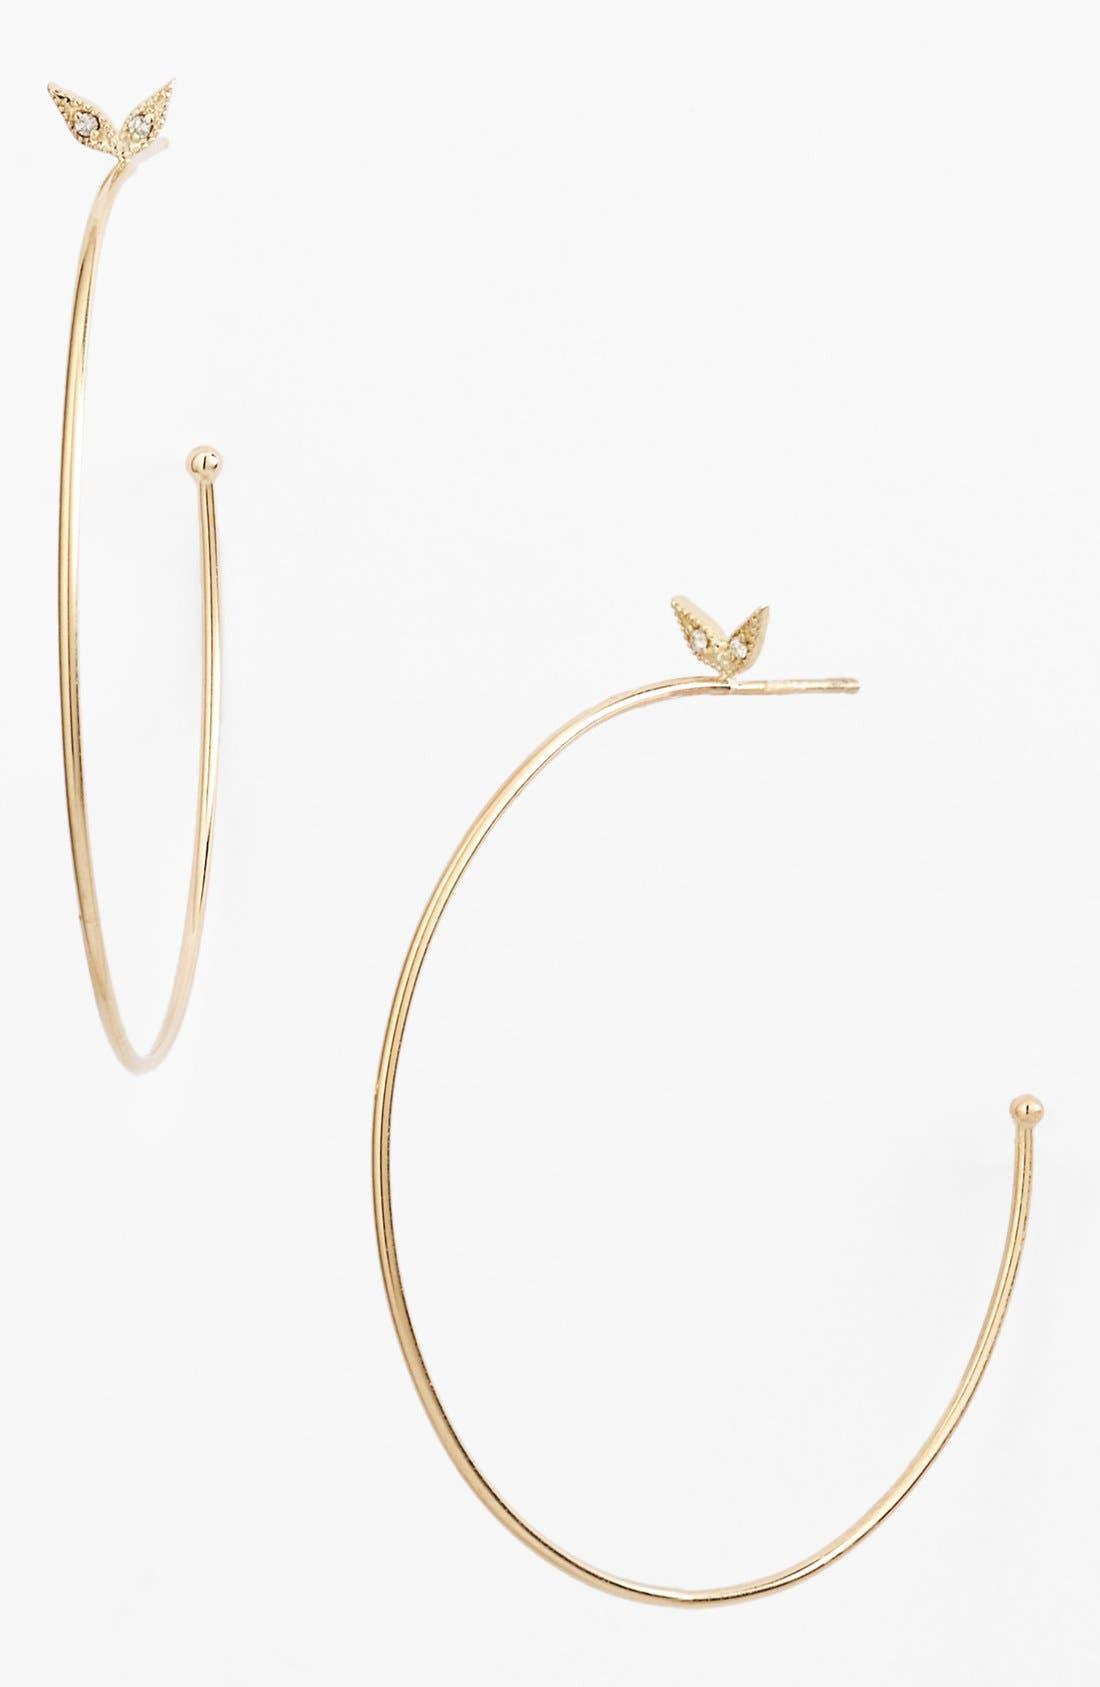 Alternate Image 1 Selected - Mizuki 'Wings of Desire' Diamond Hoop Earrings